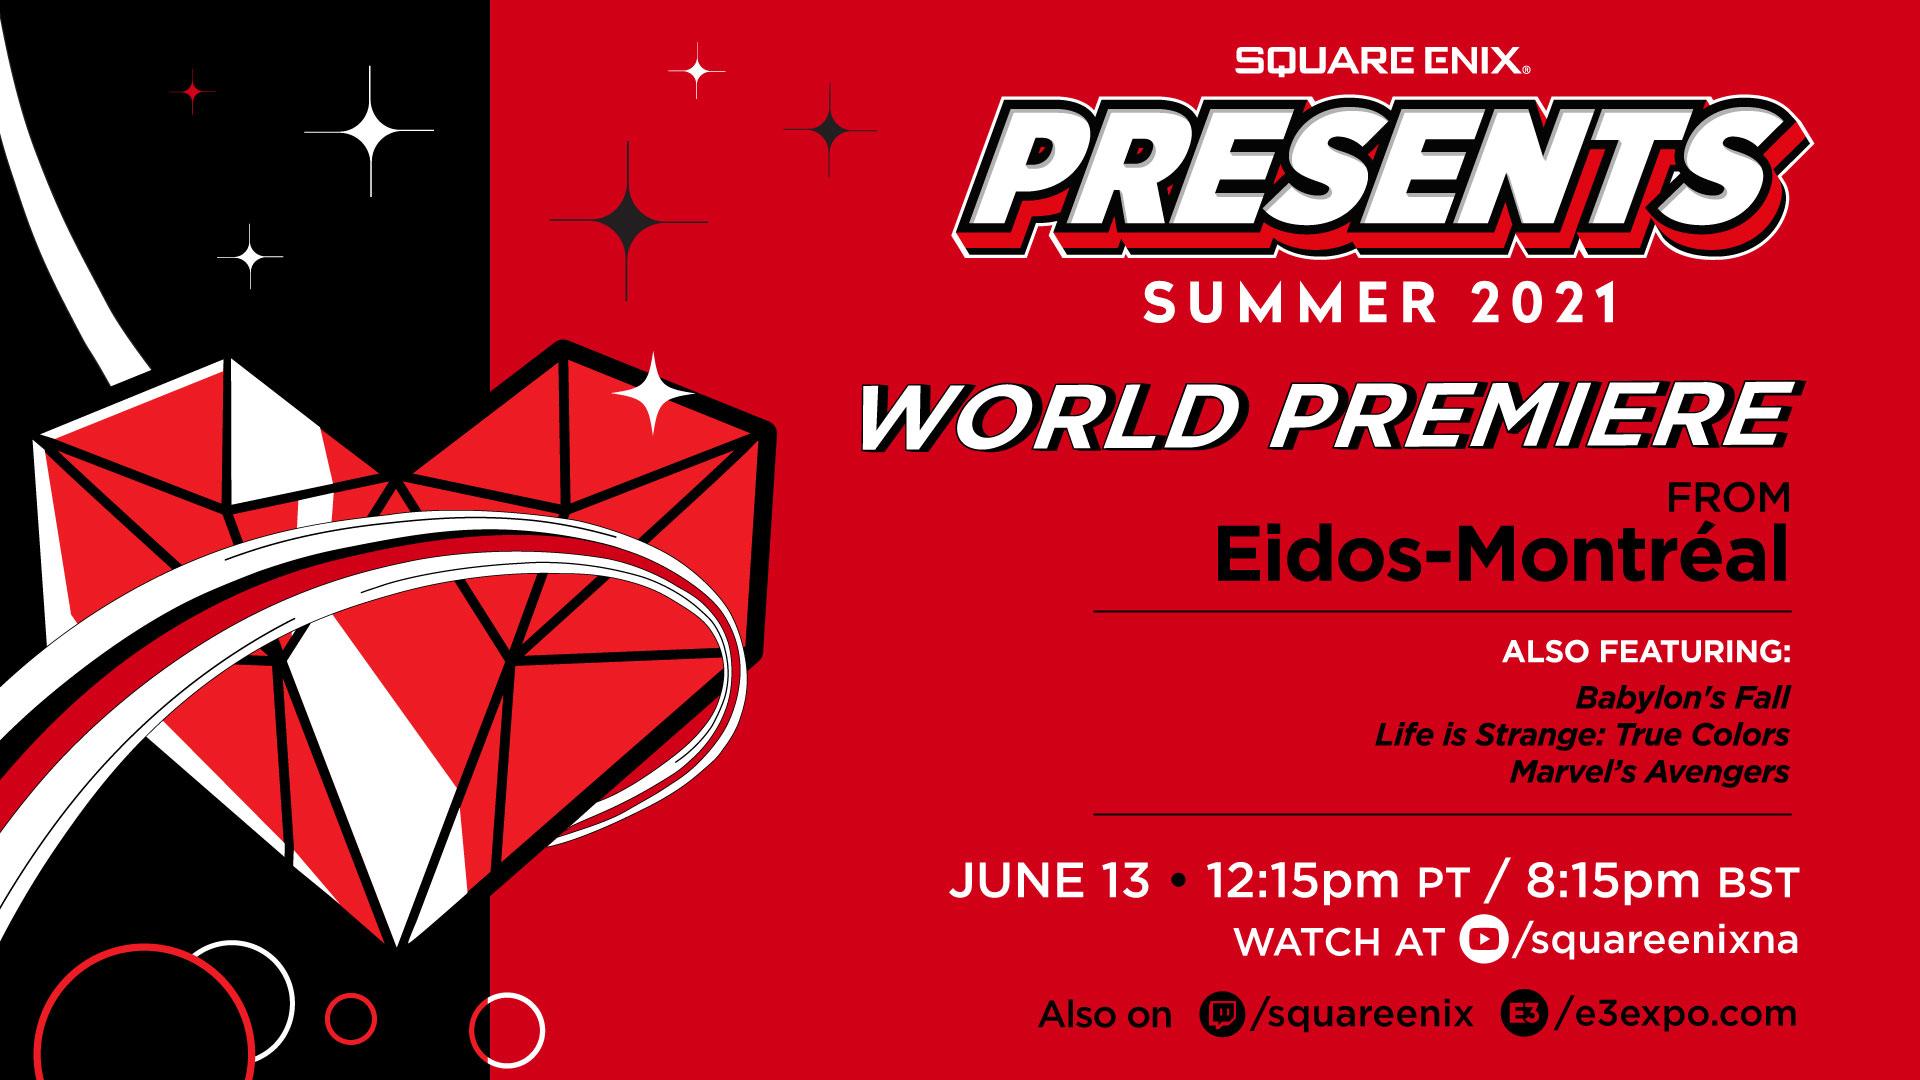 تاریخ کنفرانس E3 2021 شرکت Square Enix مشخص شد|رونمایی از بازی جدید Eidos Montreal!